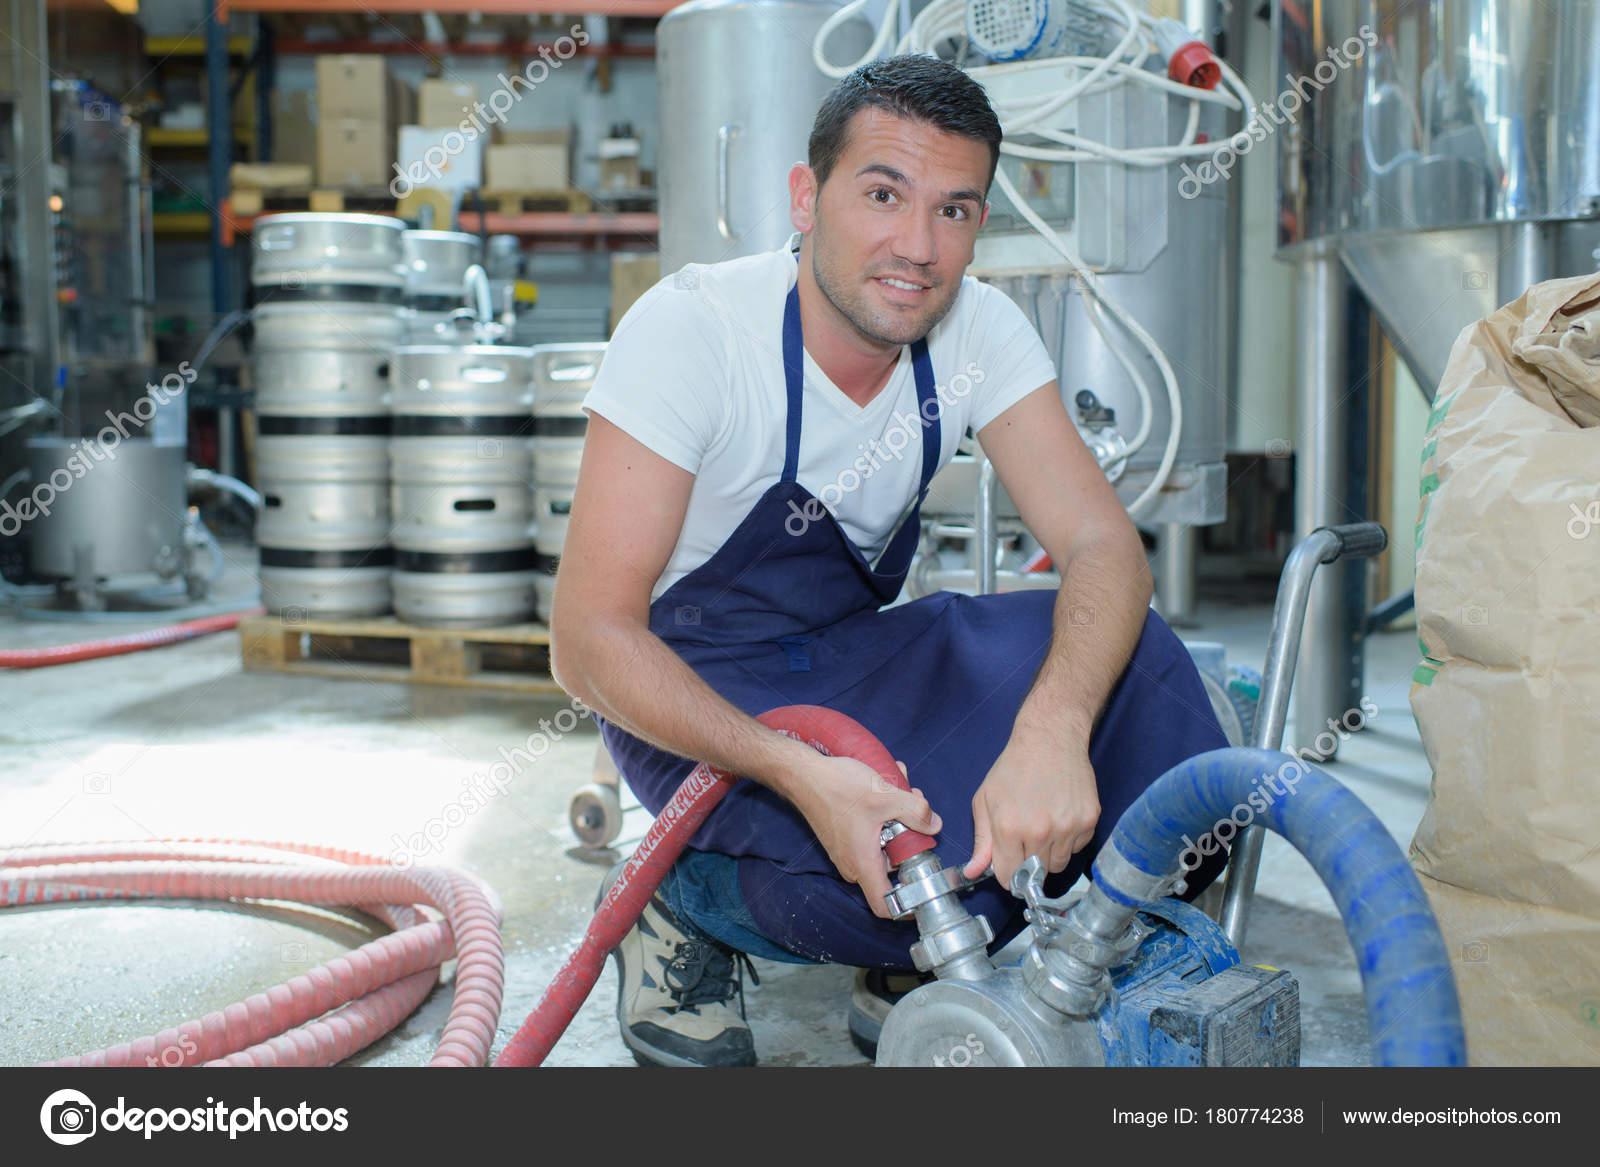 Mannliche Brauerei Arbeiter Mit Abfullung Maschinen Fabrik